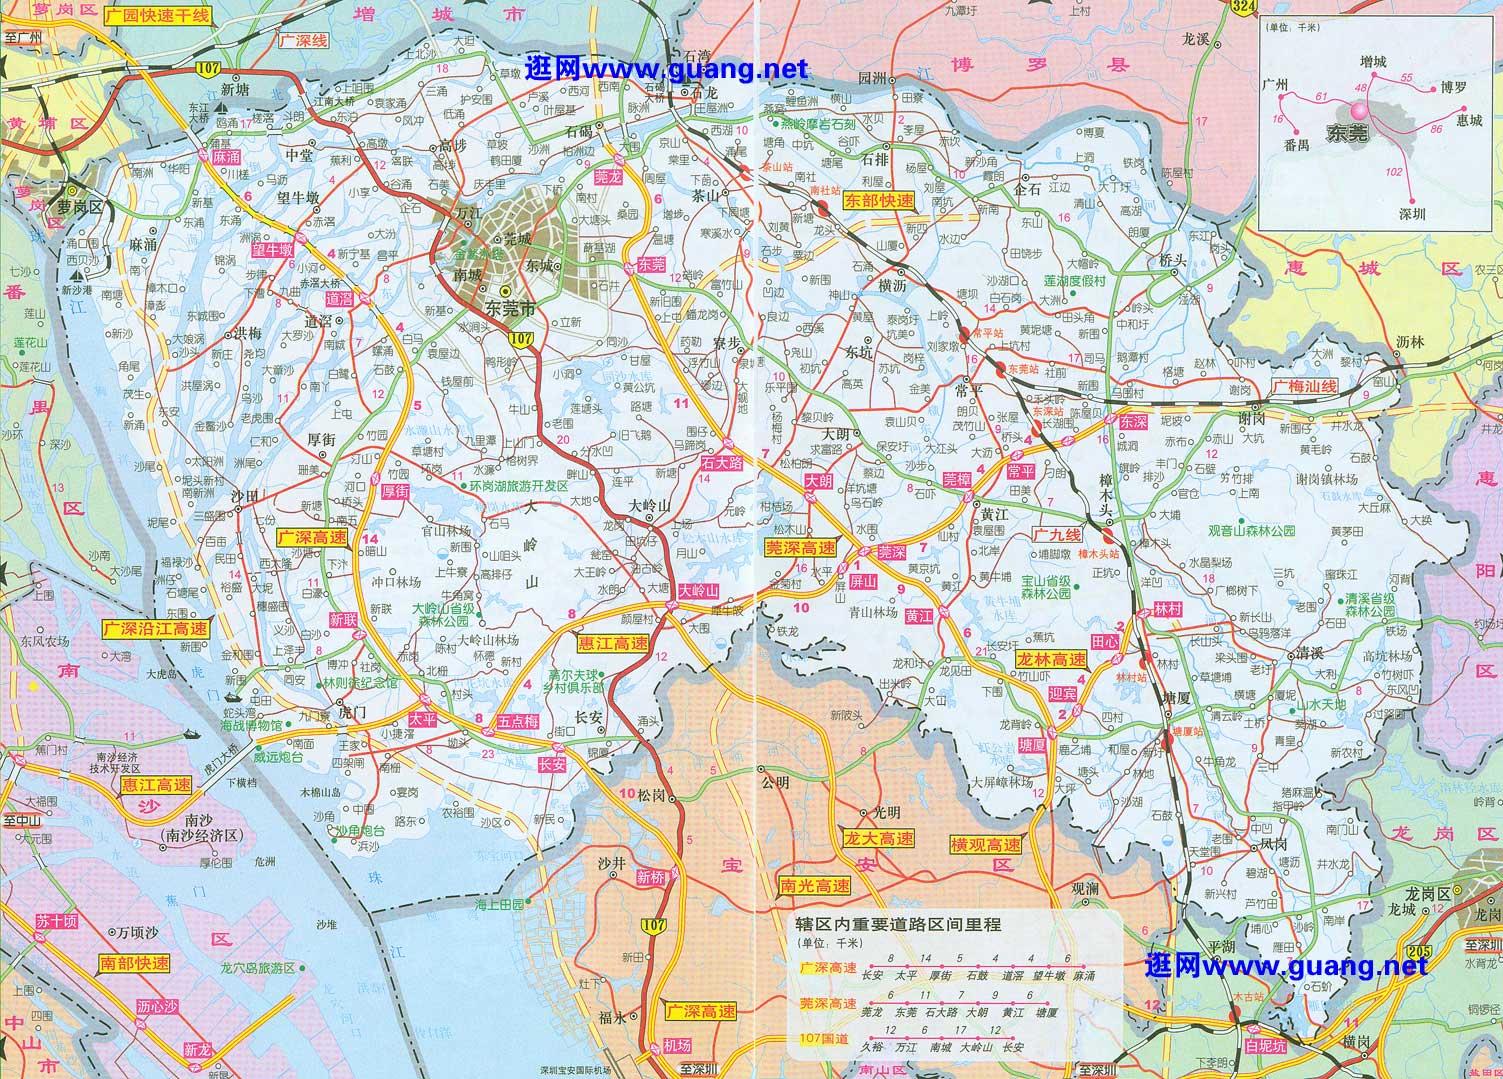 广东惠州市地图矢量素材cdr格式